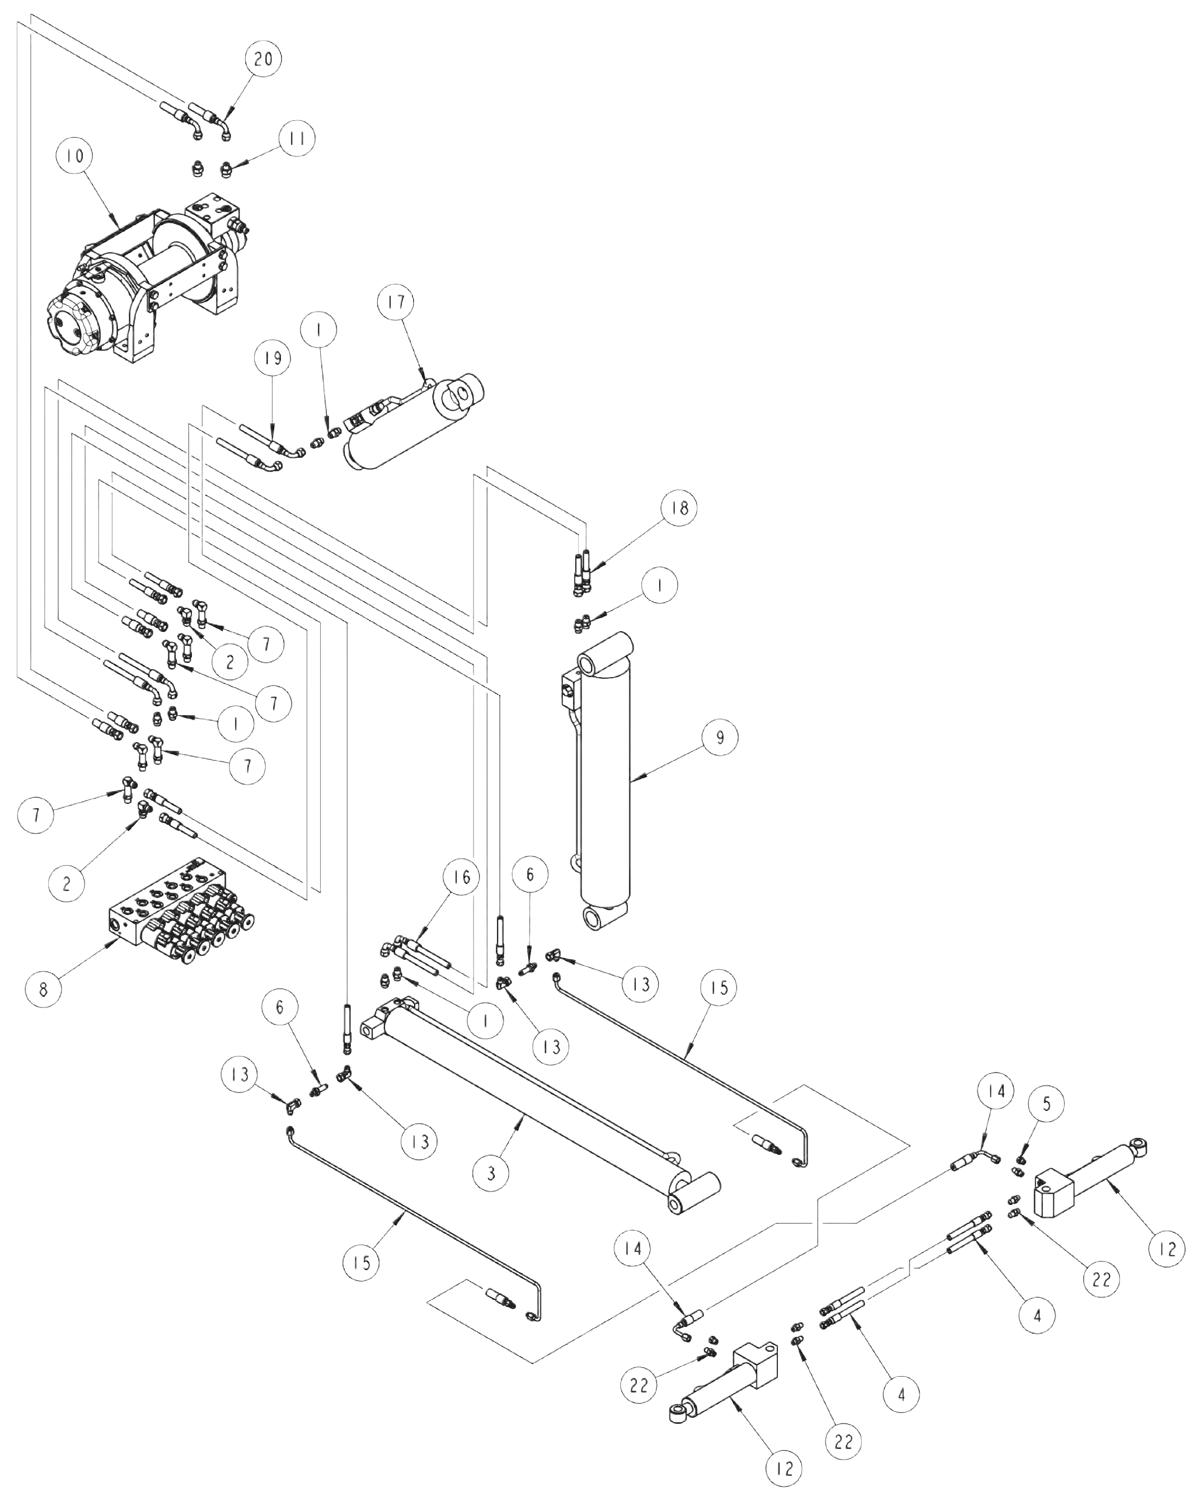 vulcan 810 hydraulic wiring diagram wiring diagram rh 47 fomly be